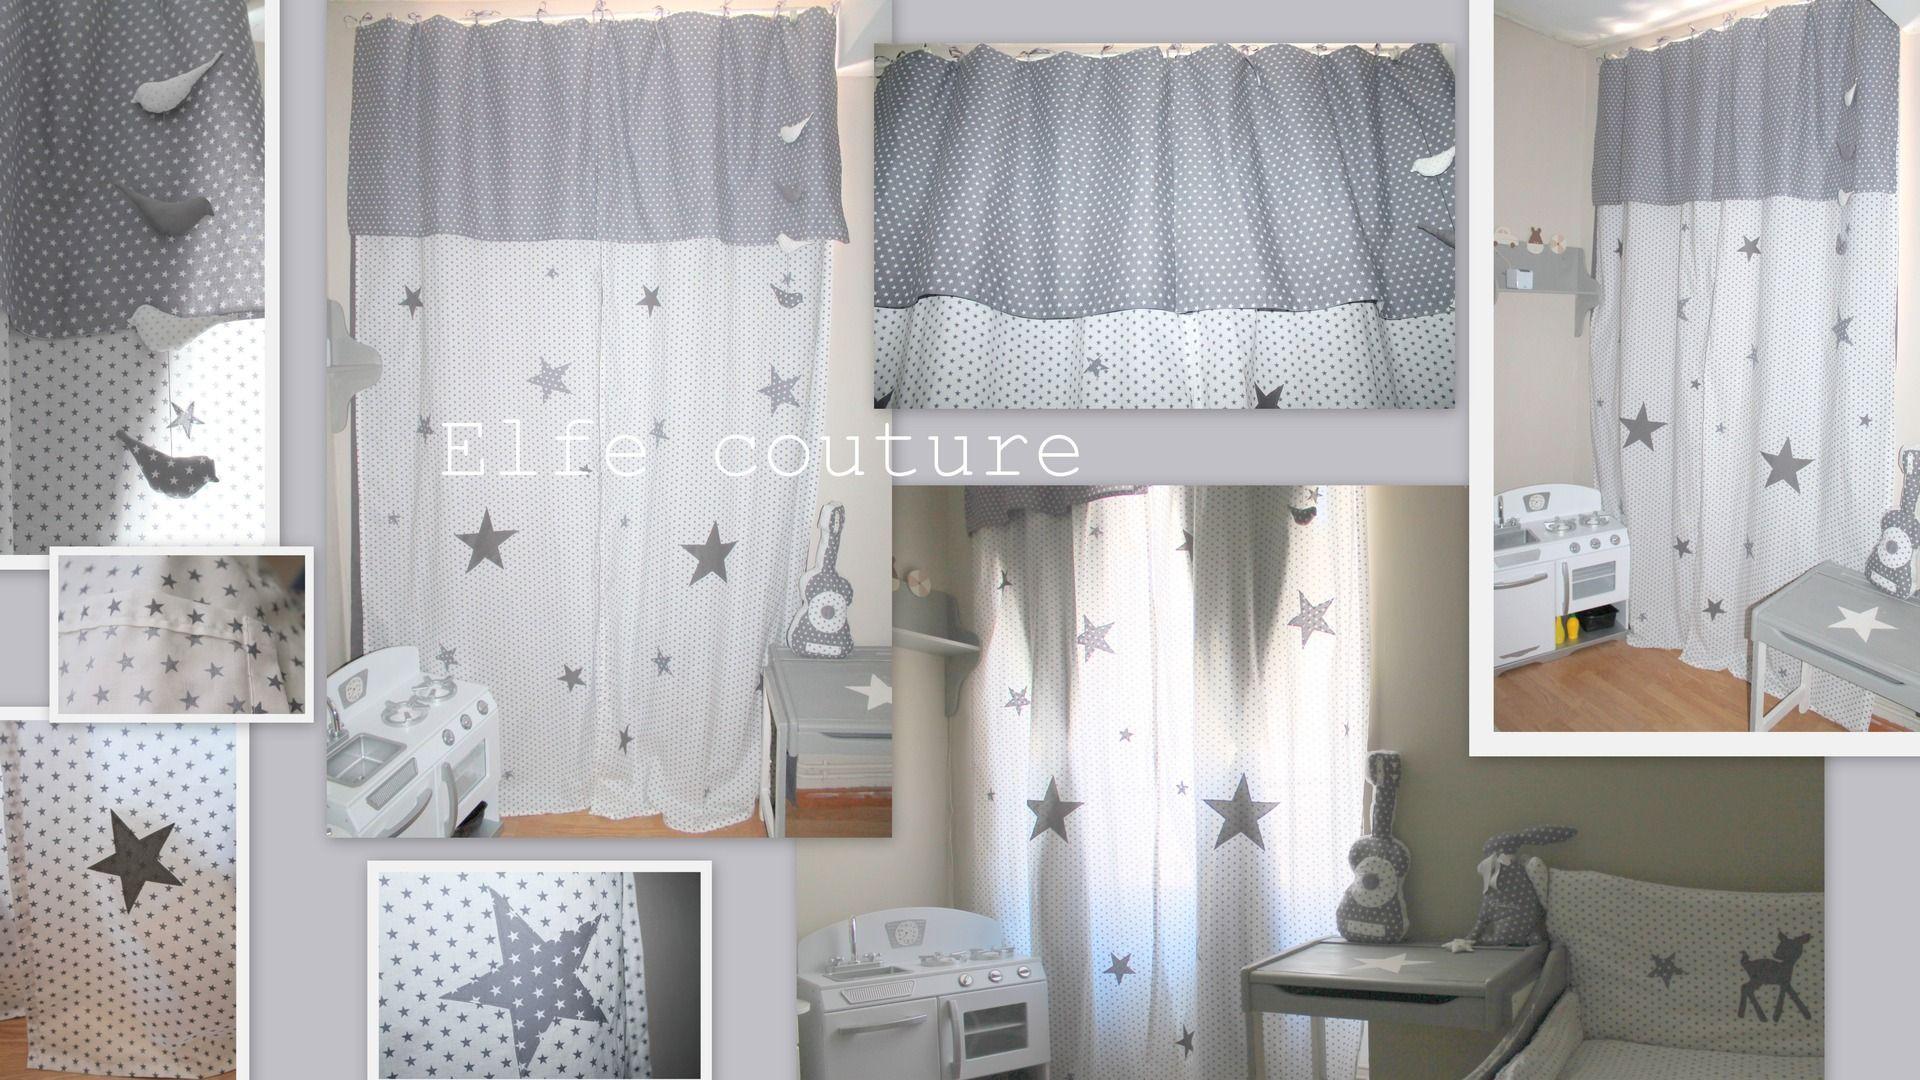 reserve rideau occultant toil pour chambre bb enfant appliques cousues toiles nouettes en satin dimensions 95x200cms dcoration pour